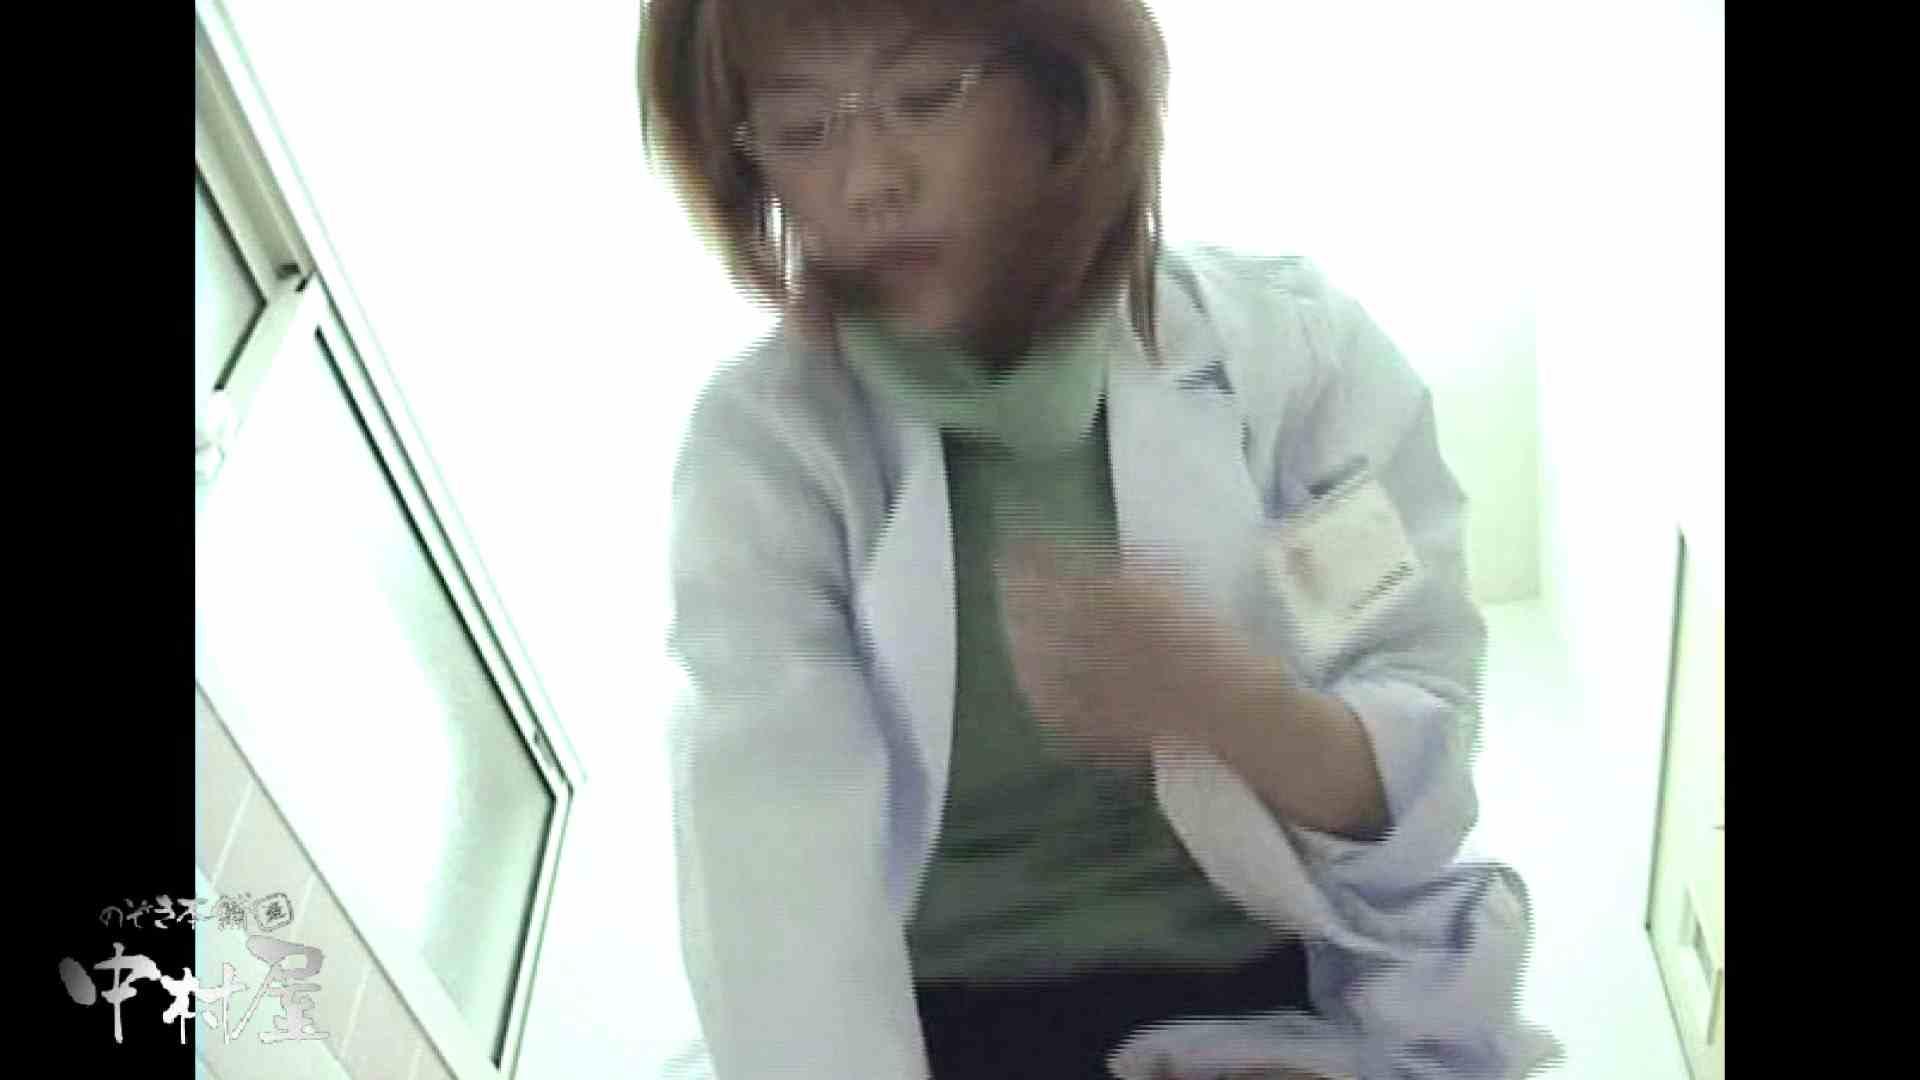 都内某大学病院編 和式イ更所盗撮 その⑭ 5名 エロすぎる女医 ヌード画像 94PIX 23